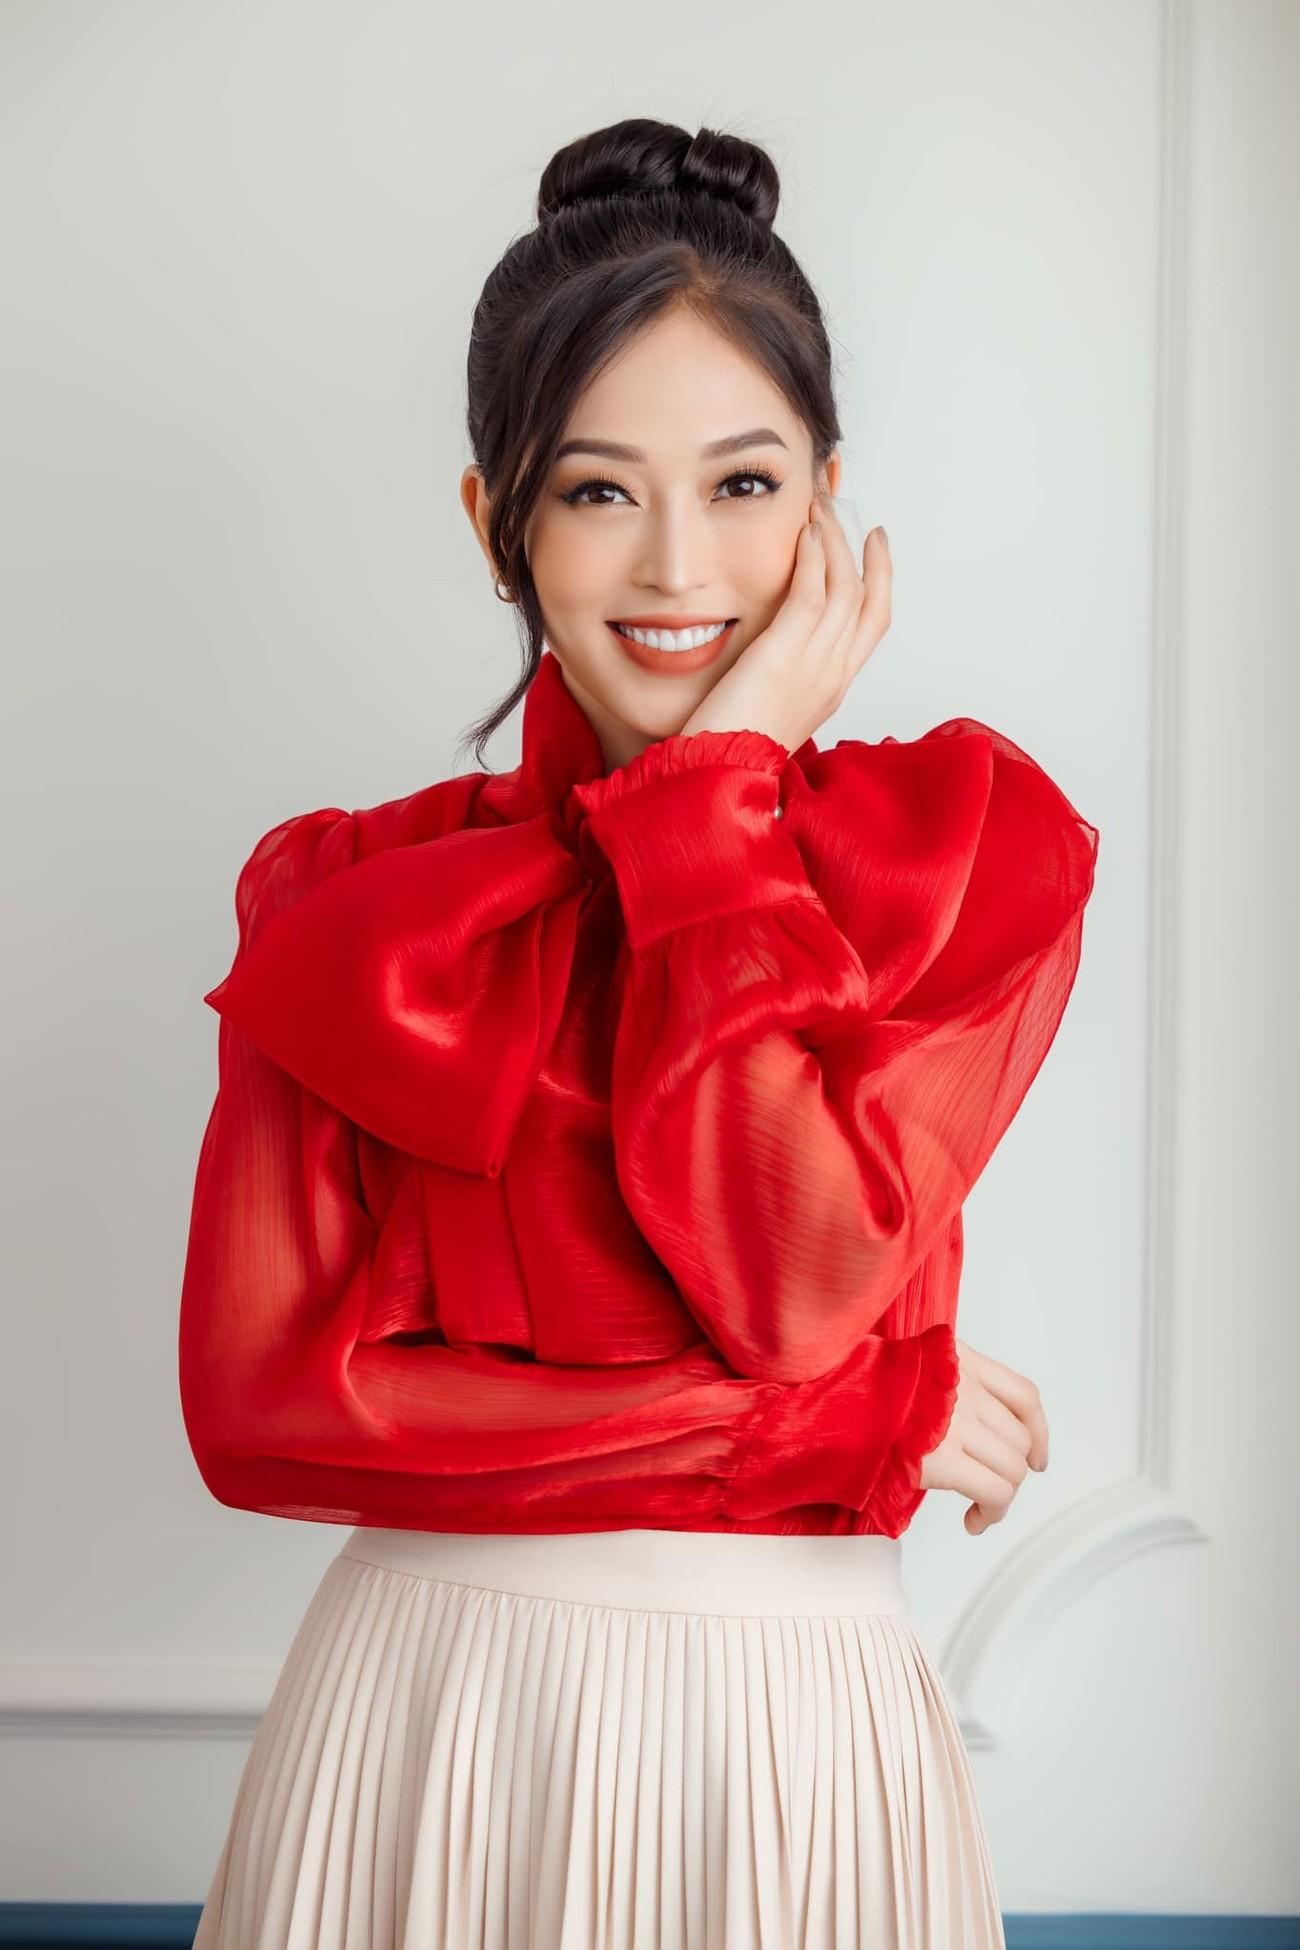 Tiểu Vy, Hà Kiều Anh và dàn hậu diện váy đỏ rực khoe dáng nóng bỏng đêm Giáng Sinh ảnh 11